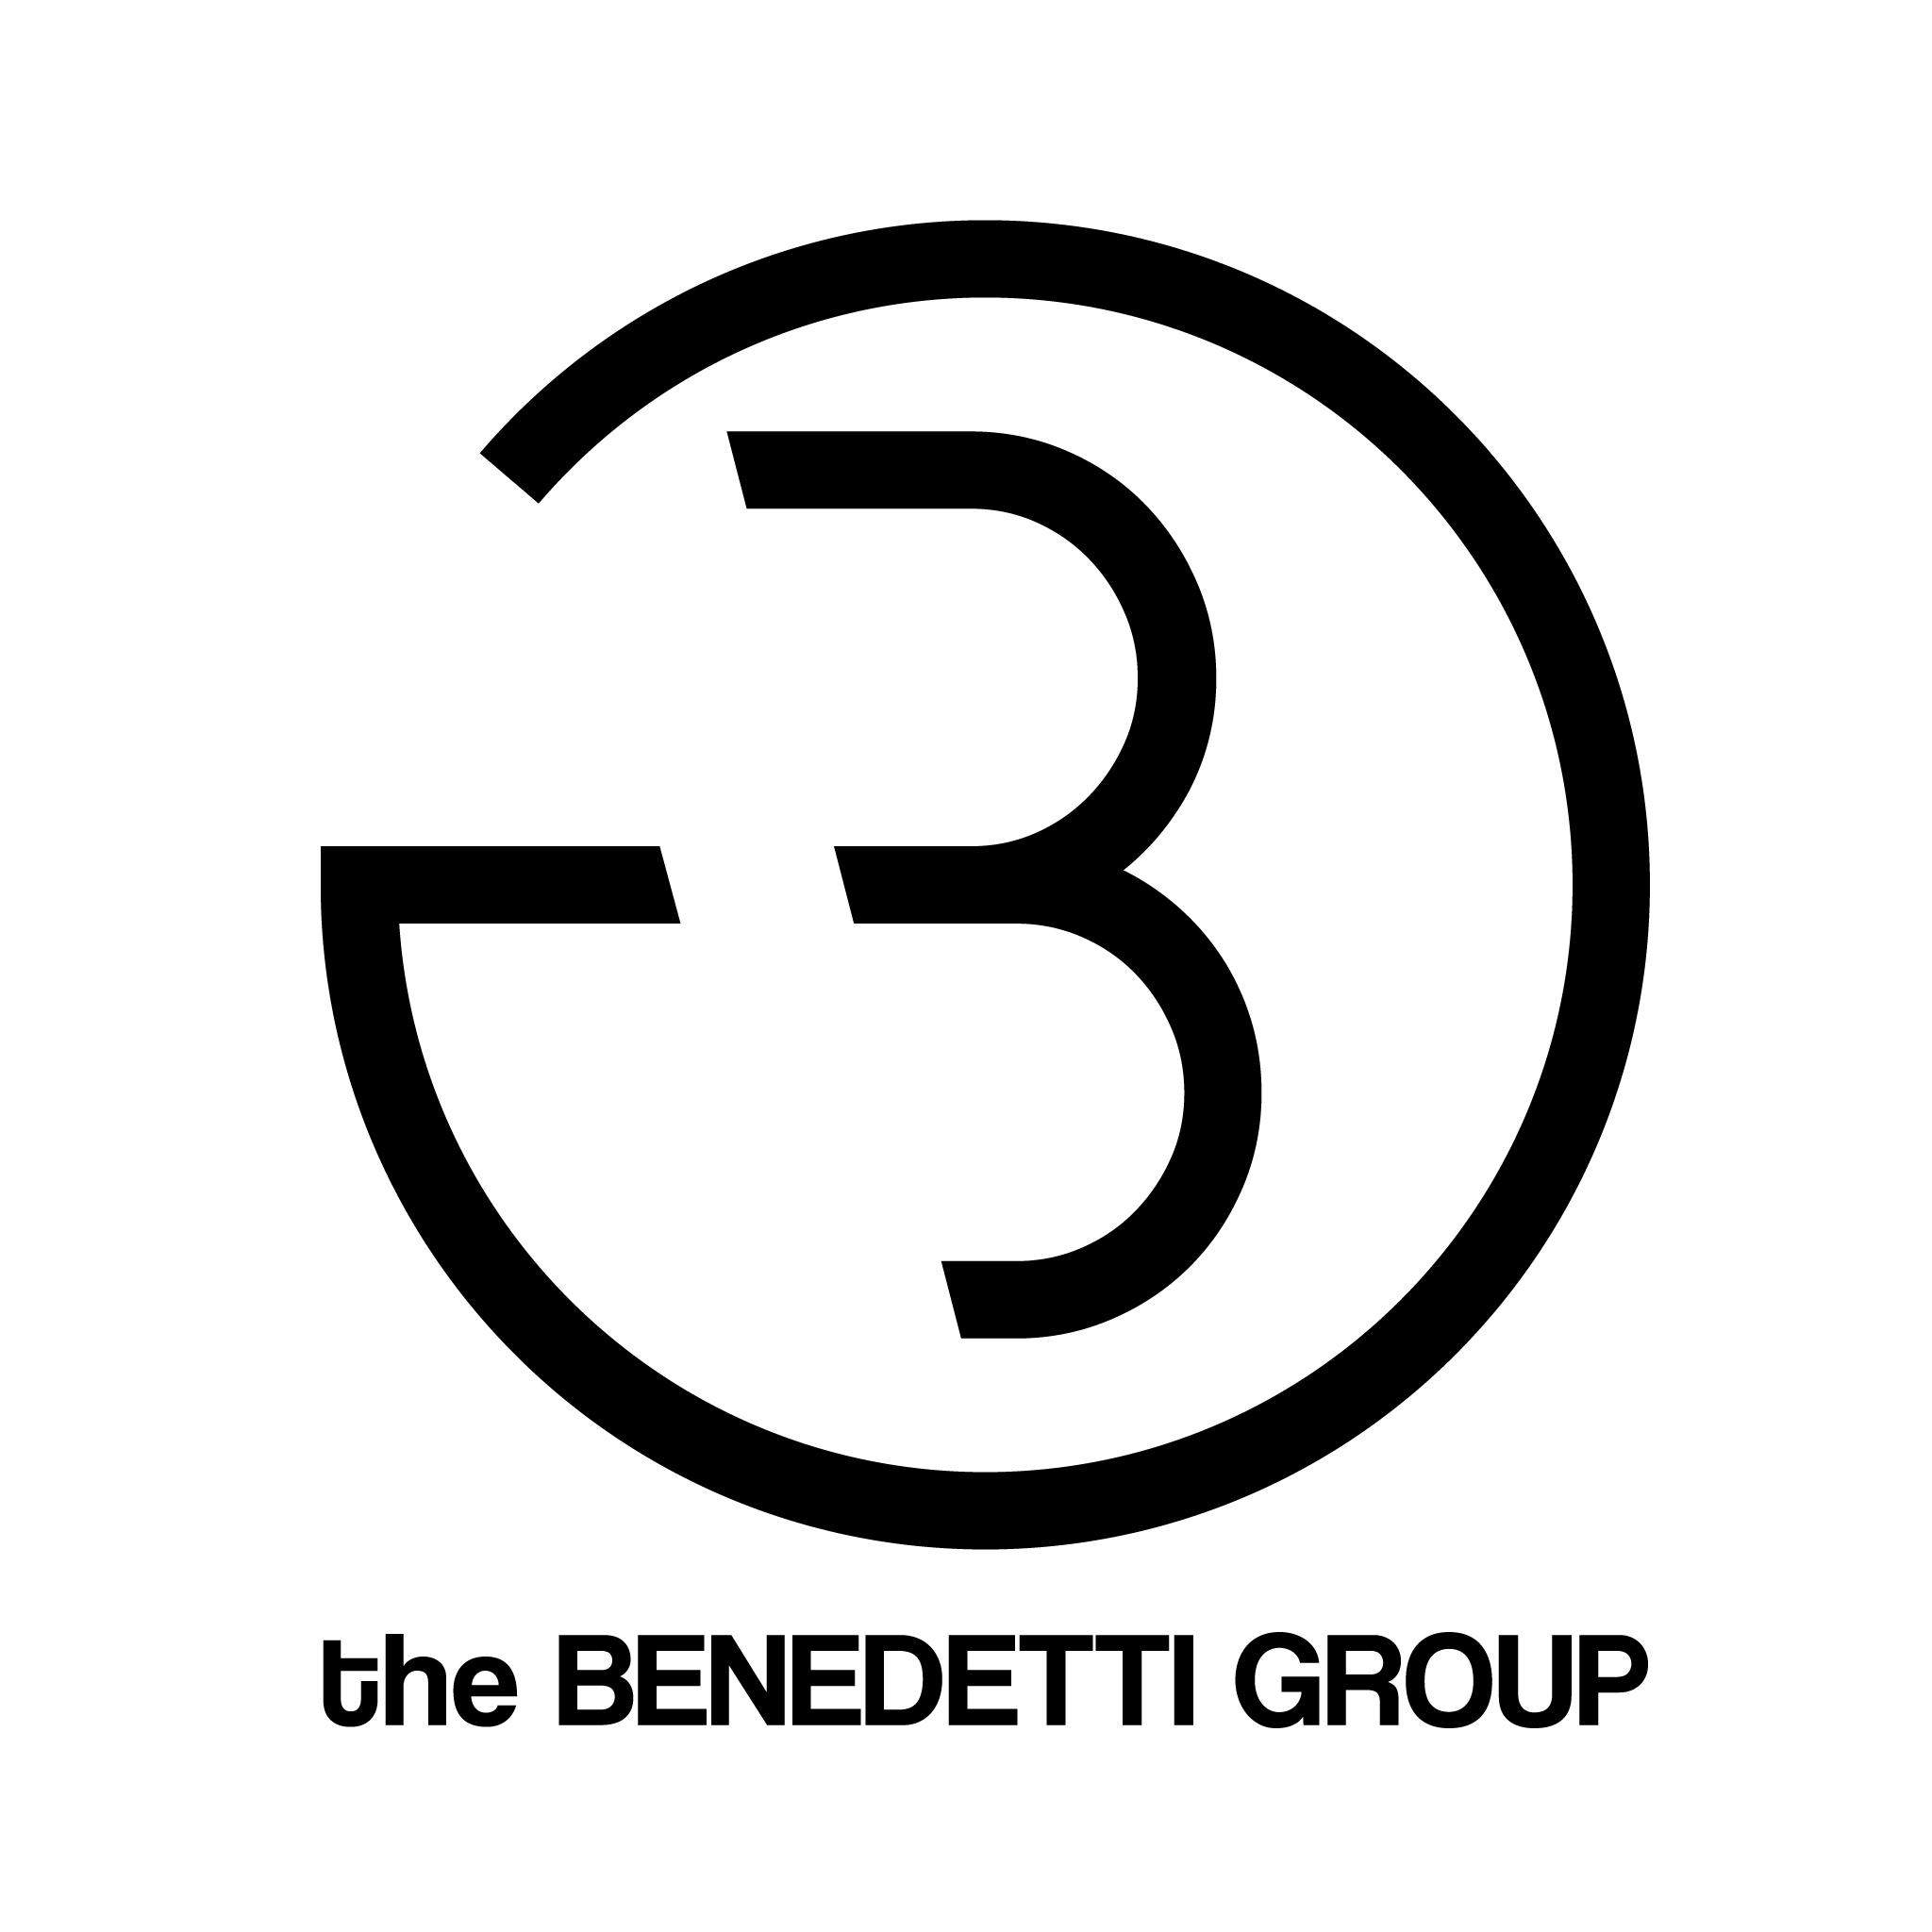 Vector_Benedetti Group_Black.jpg